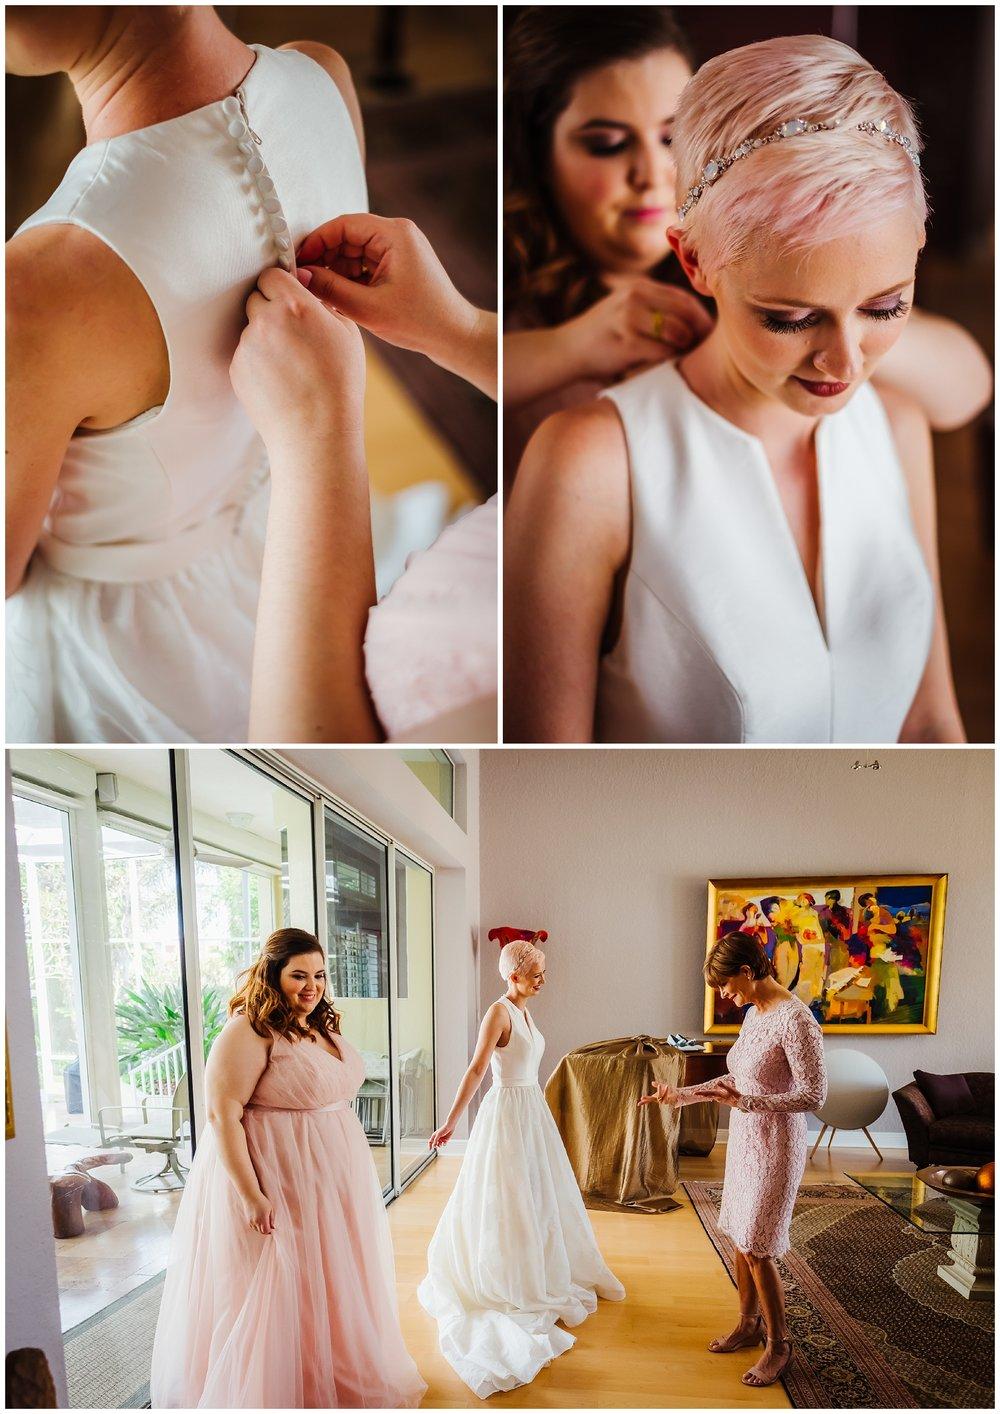 tierra-verde-st-pete-florida-home-luxury-wedding-greenery-pink-pixie-bride_0012.jpg